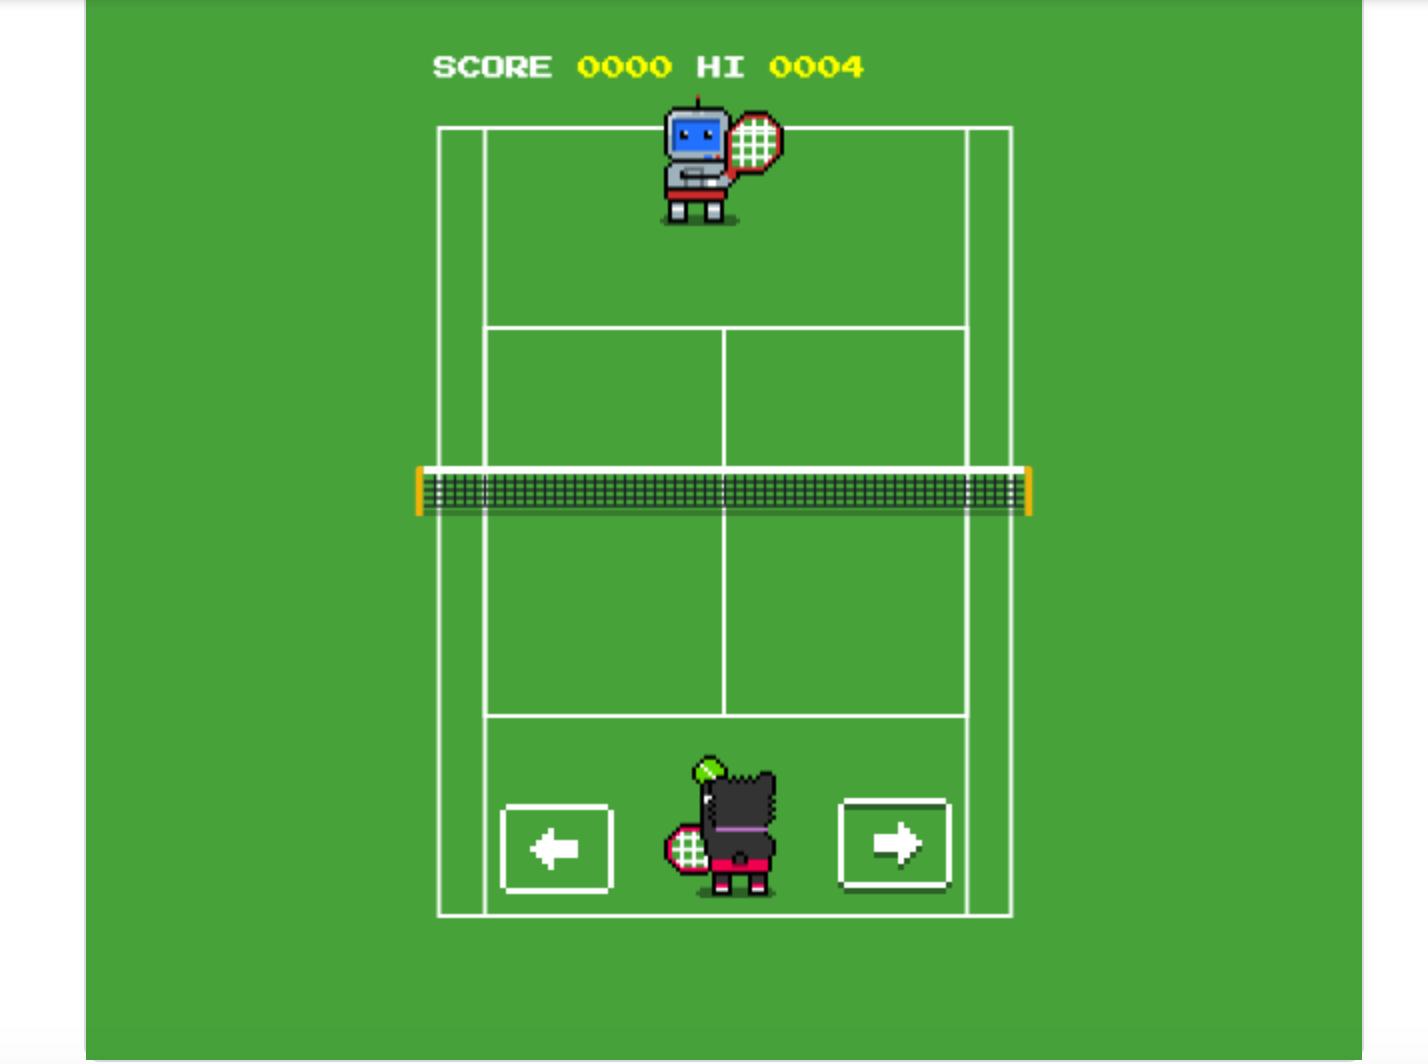 Google tenis juego